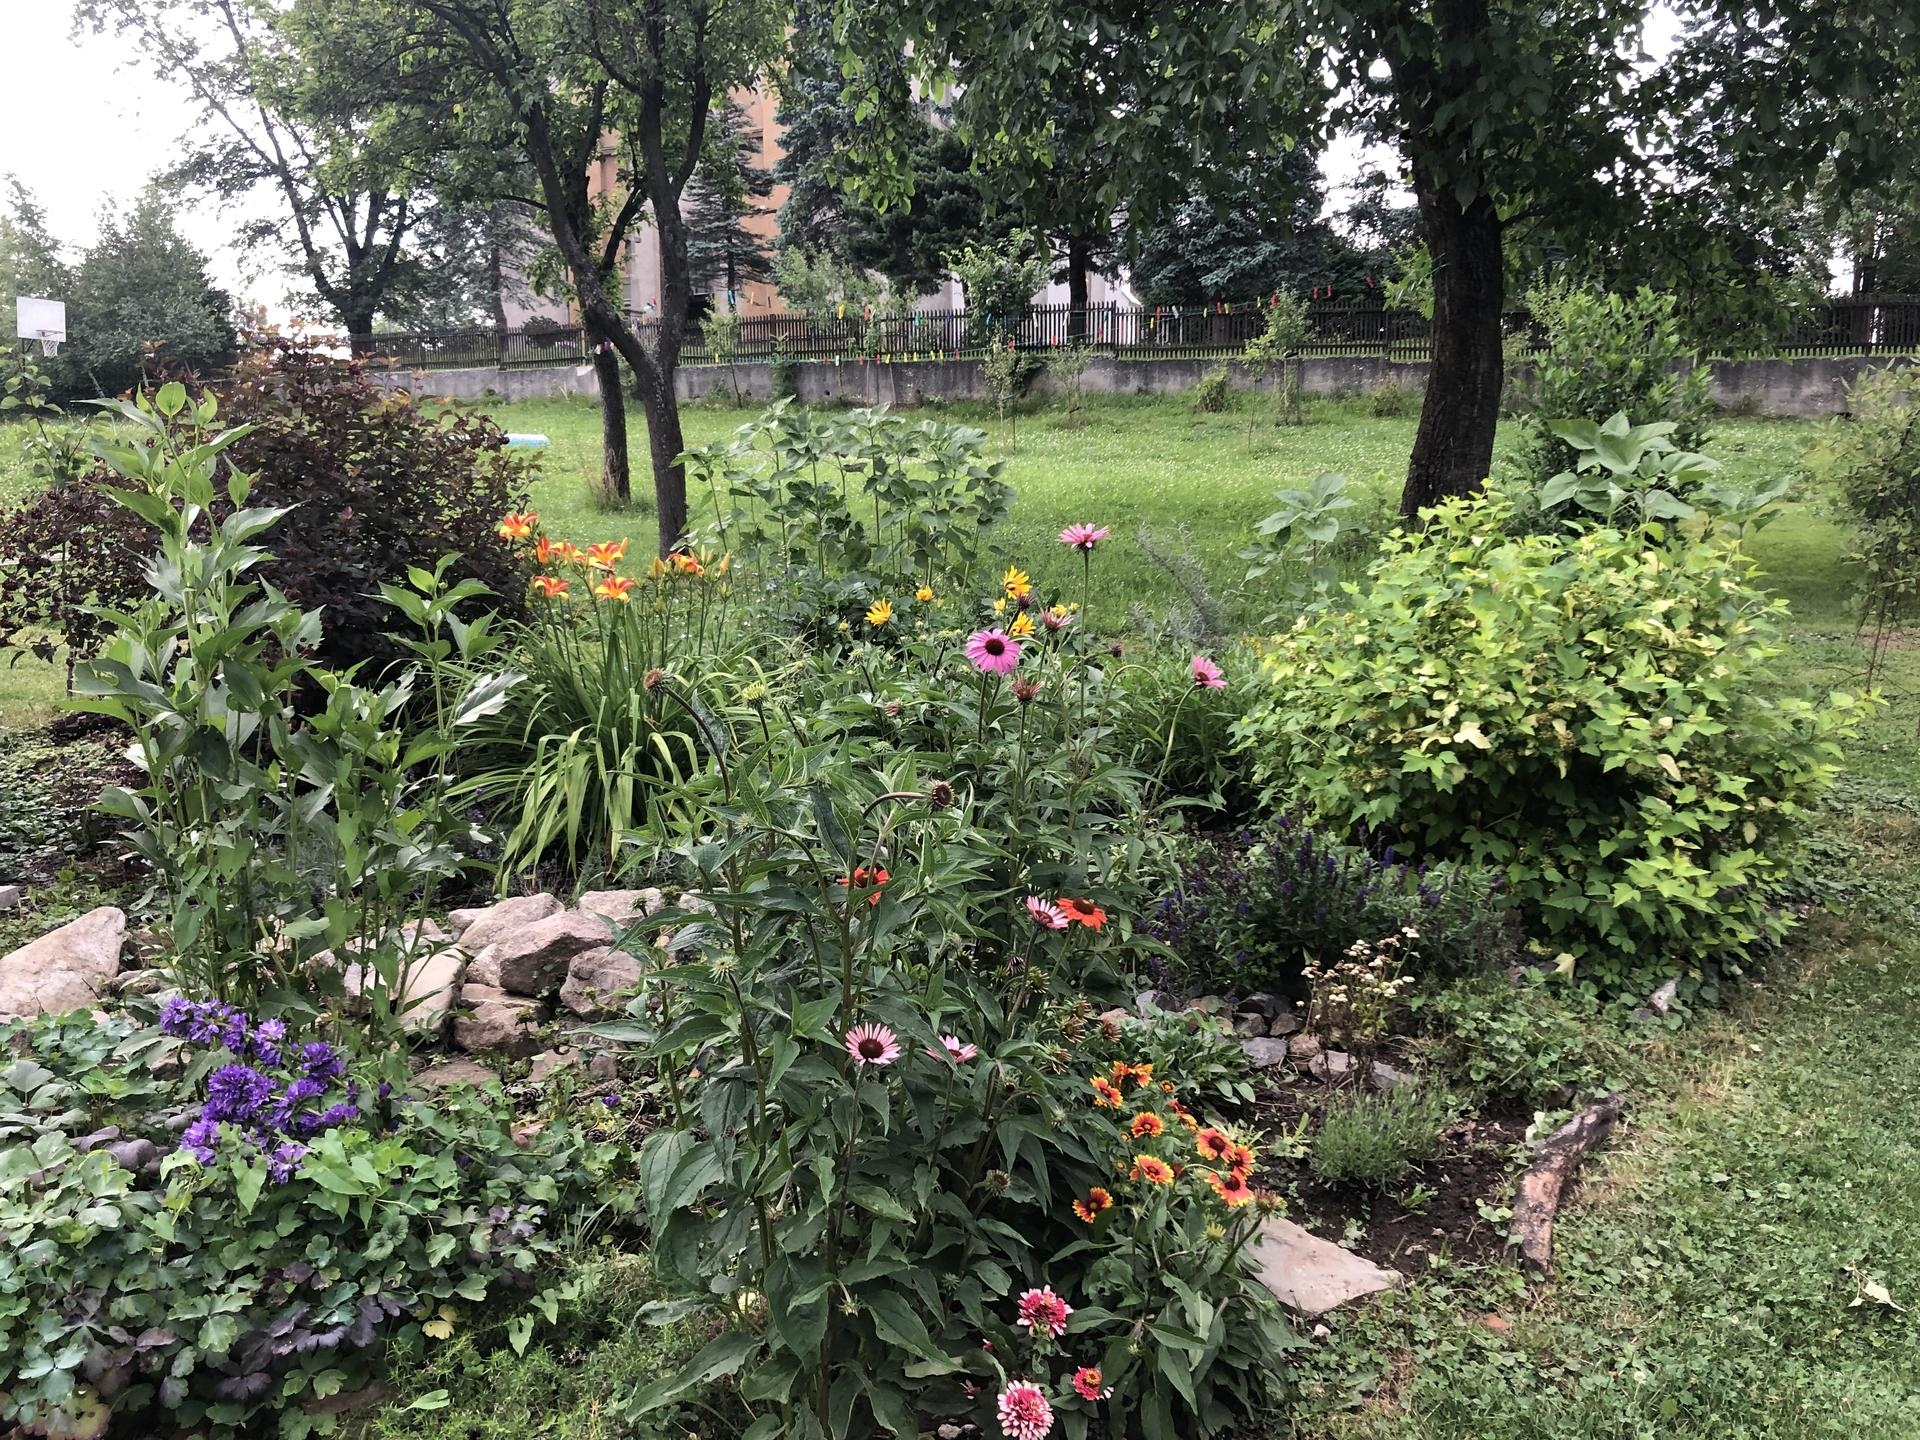 U nás doma a na zahradě 2021 - Obrázek č. 37